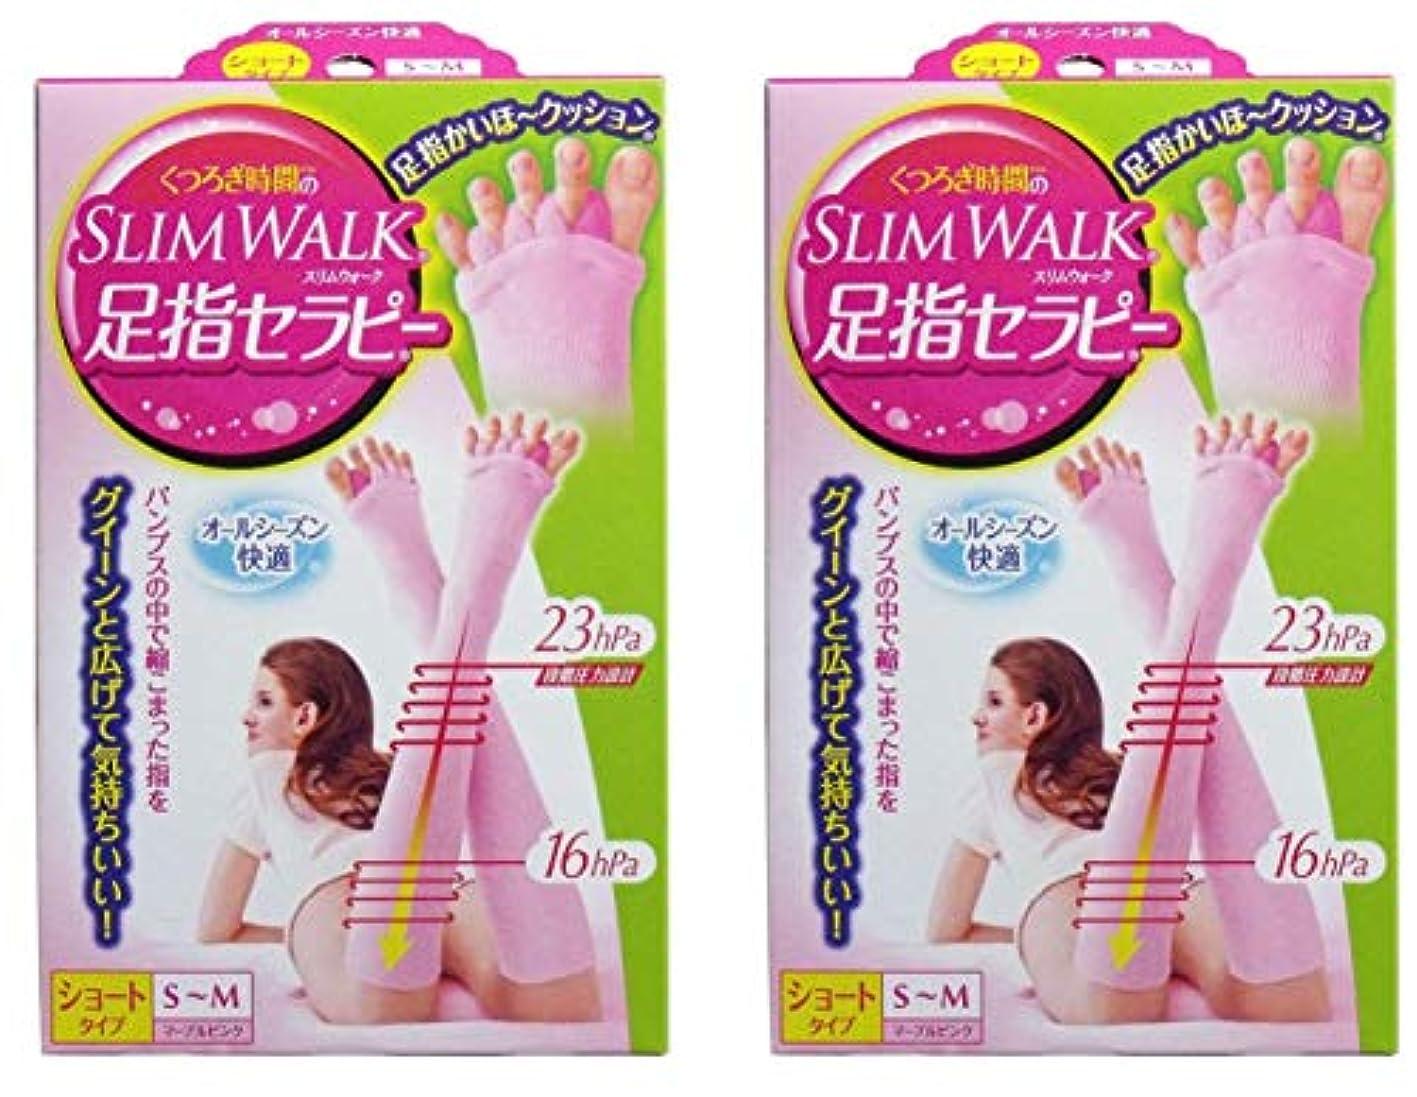 争い雄弁家からかう【2個セット】スリムウォーク 足指セラピー (オールシーズン用) ショートタイプ S-Mサイズ マーブルピンク(SLIM WALK,split open-toe socks,SM)×2個